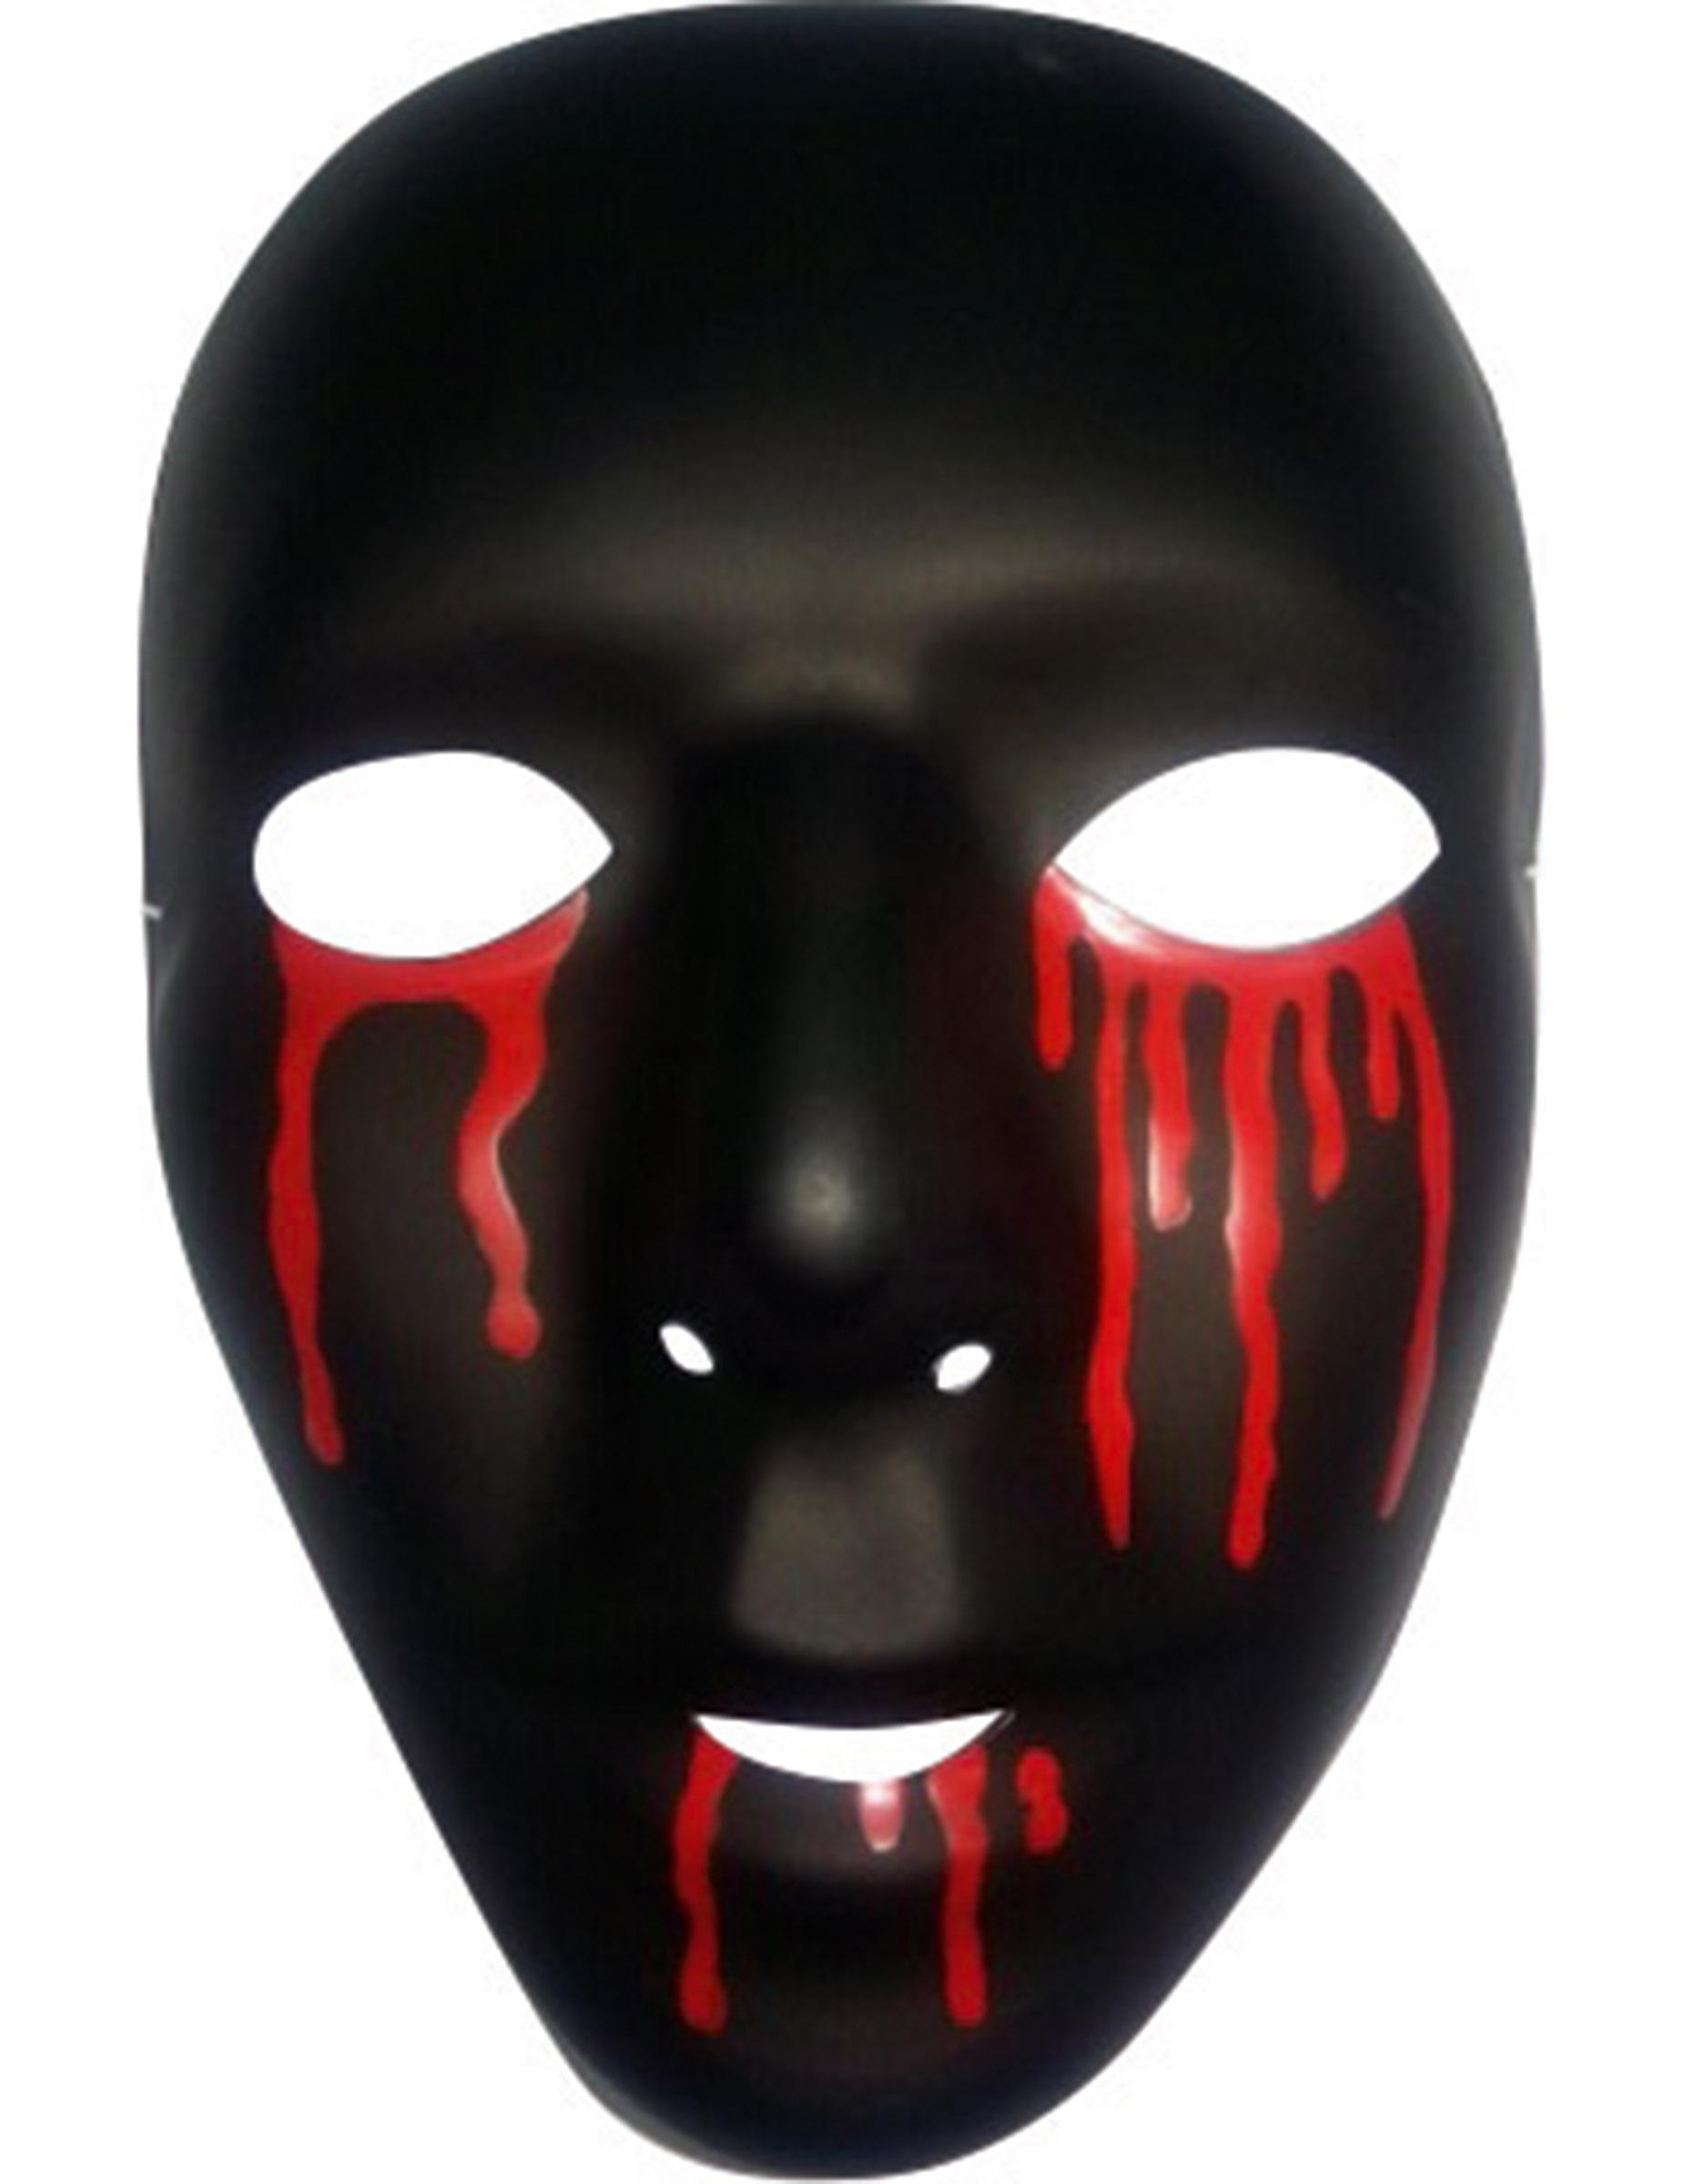 Halloween Maschere.Maschera Nera Con Lacrime Di Sangue Halloween